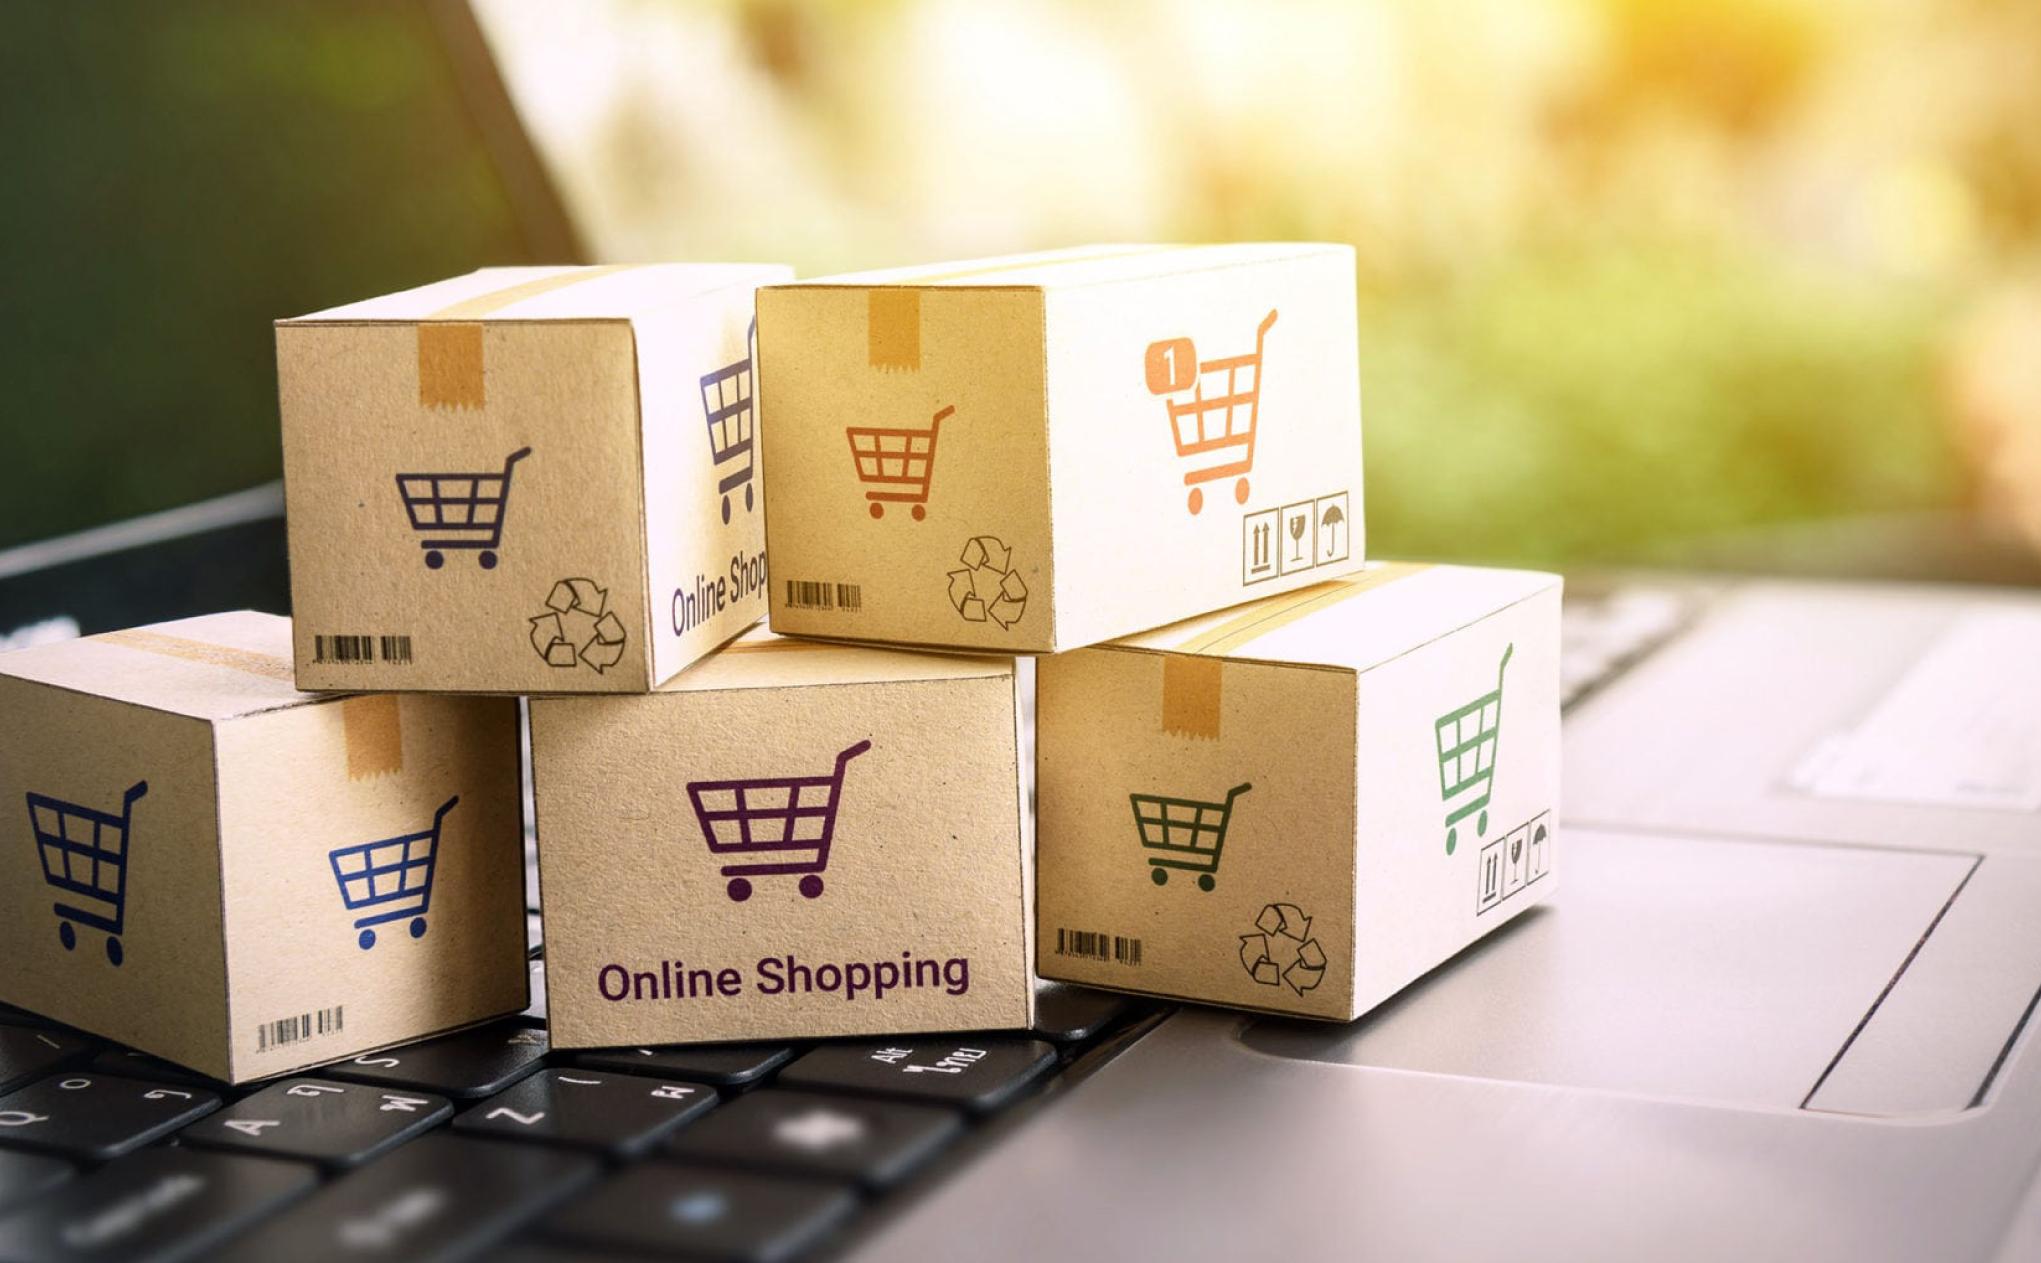 ¿Cómo vender en Mercado Libre y Amazon? Consejos de los expertos